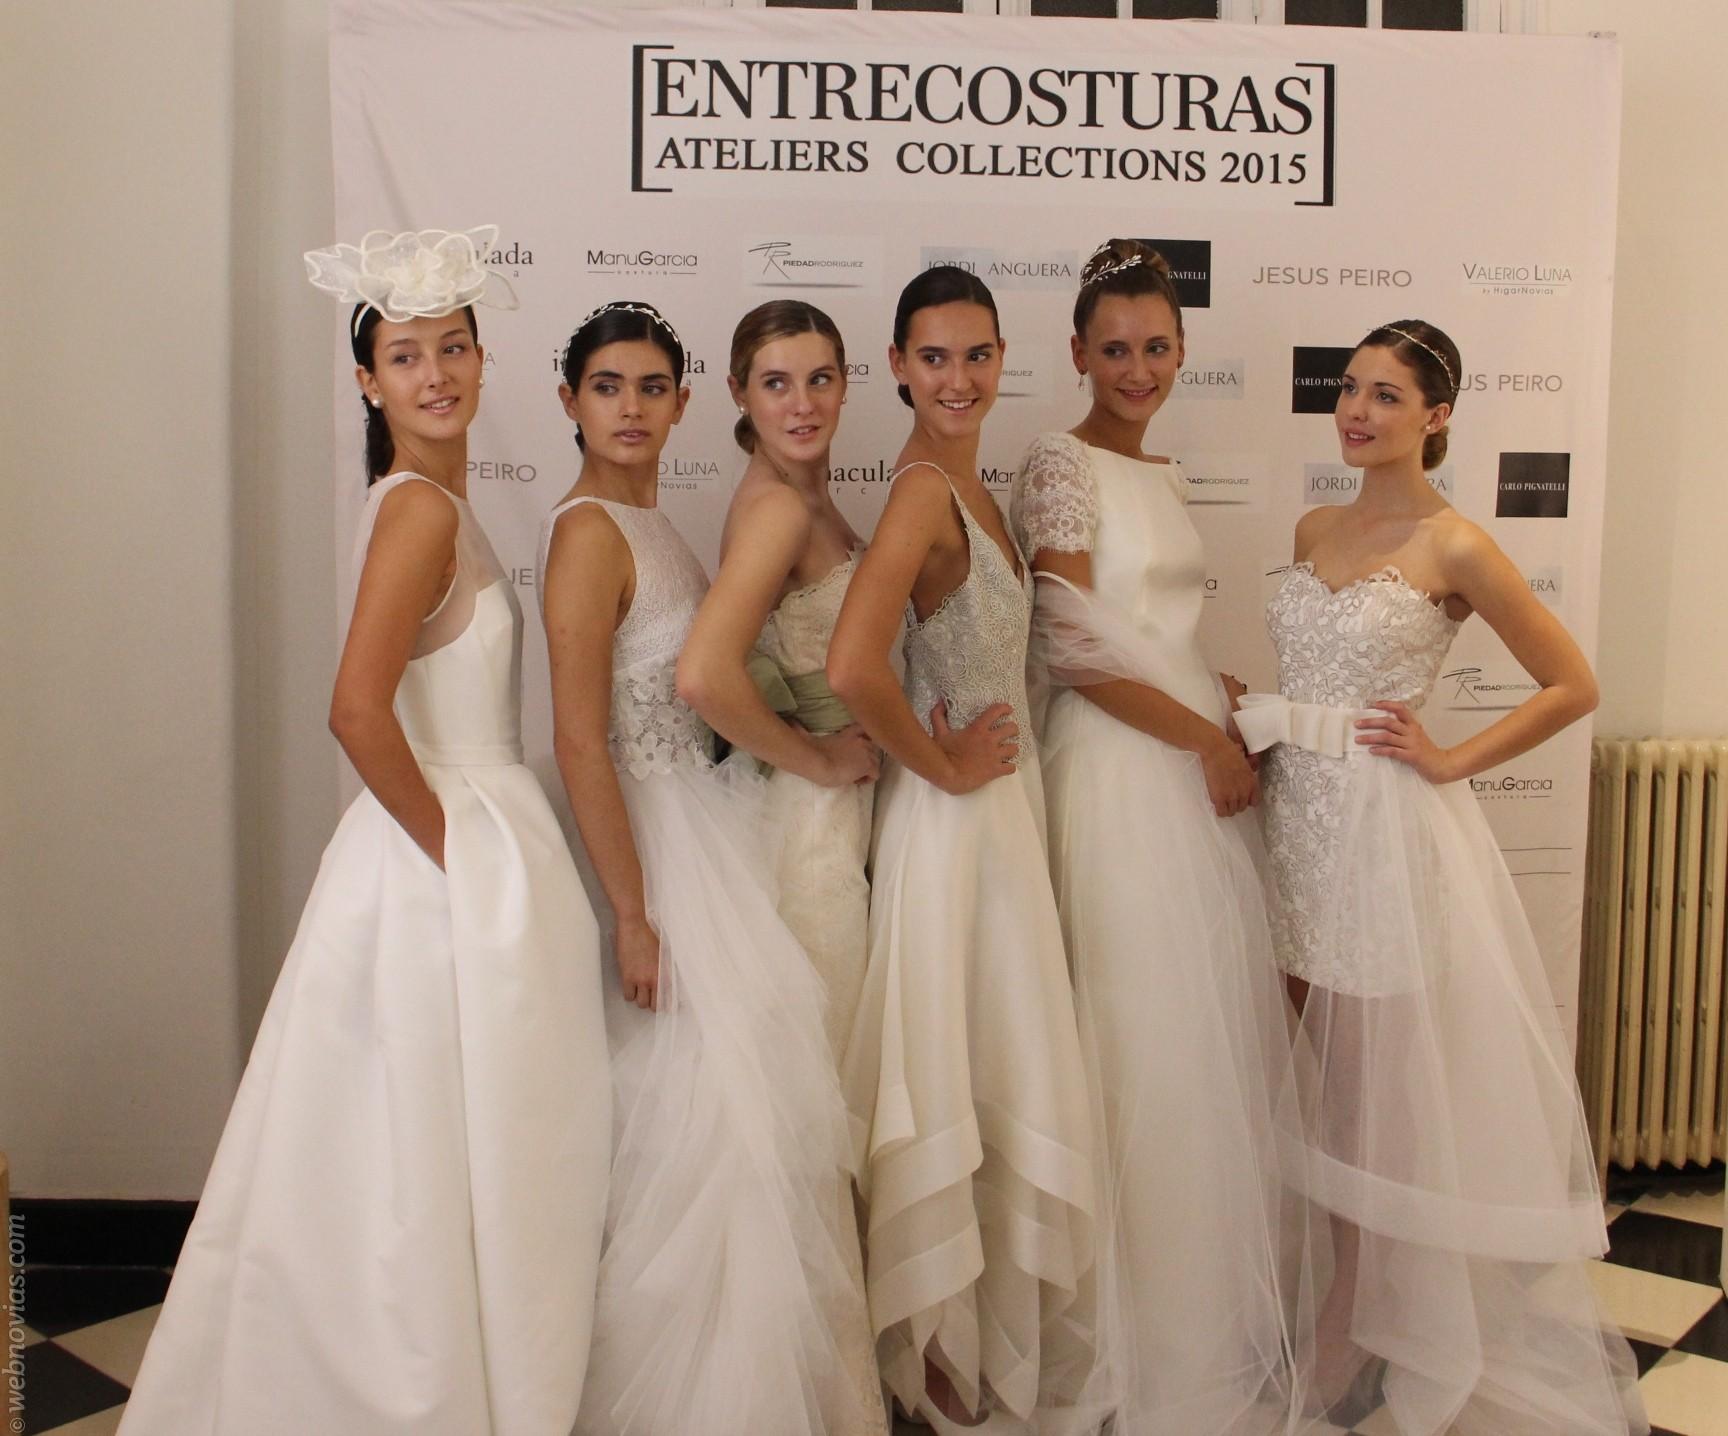 entrecosturas_2015_piedad_rodriguez_photocall